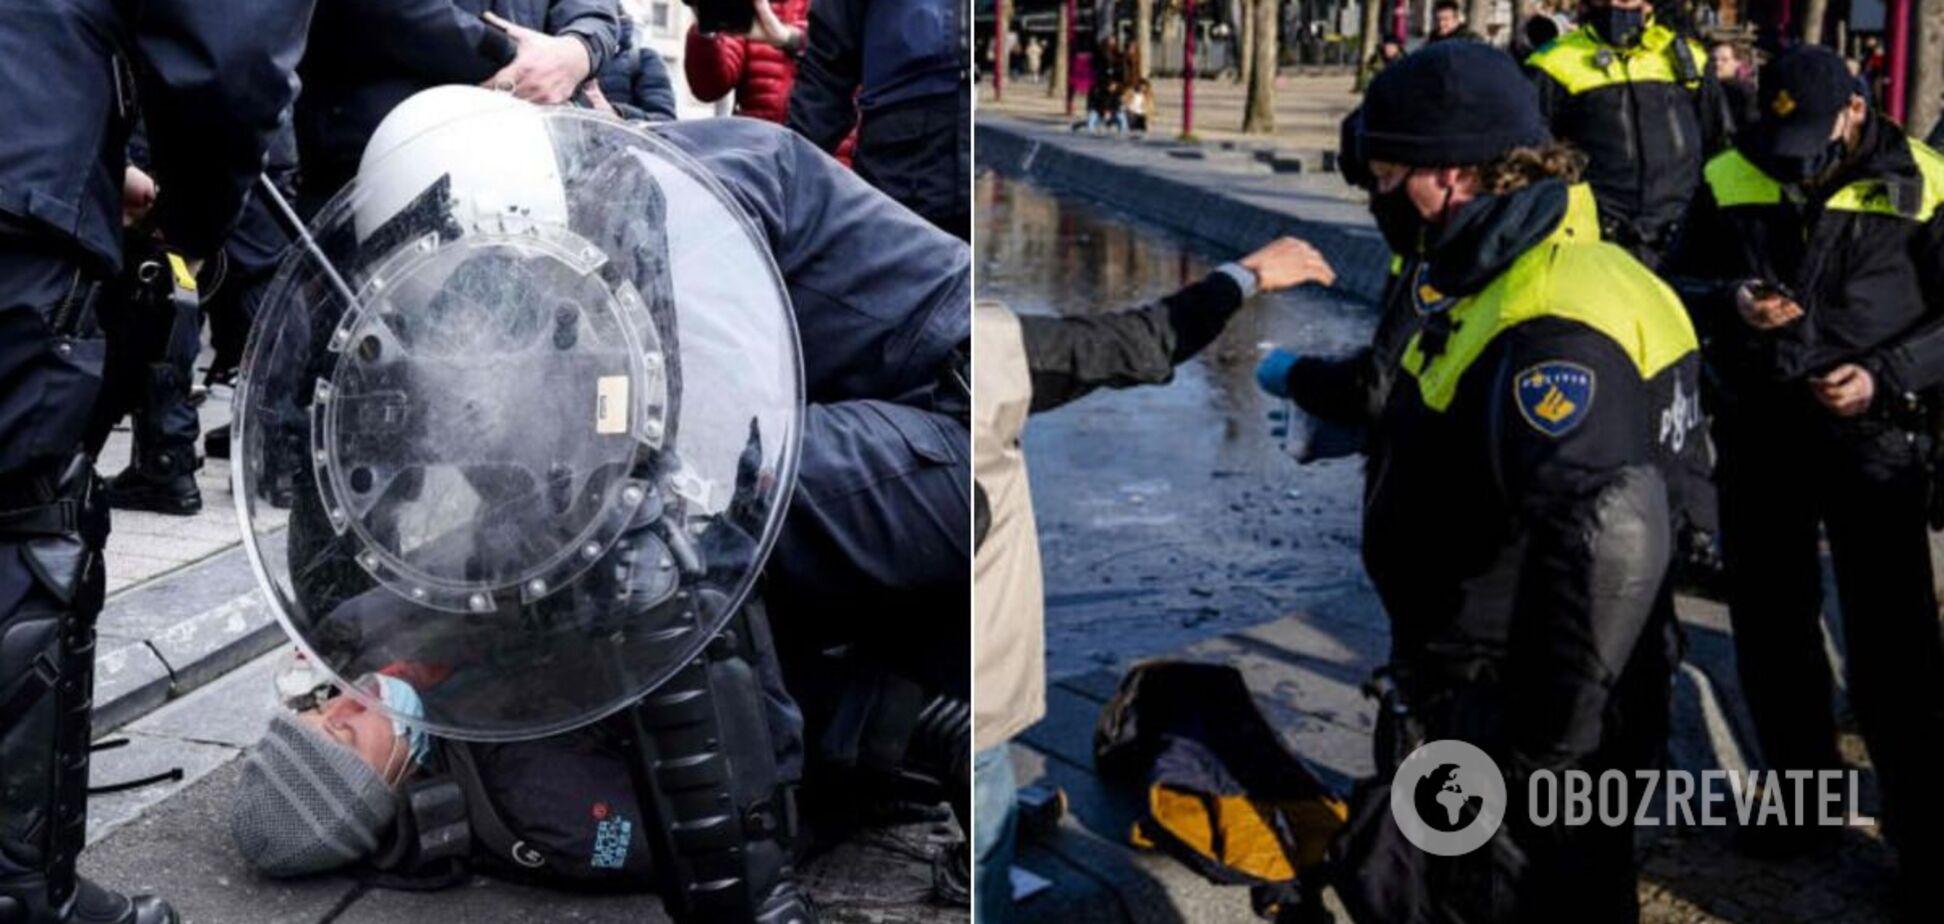 Массовые демонстрации сопровождаются беспорядками